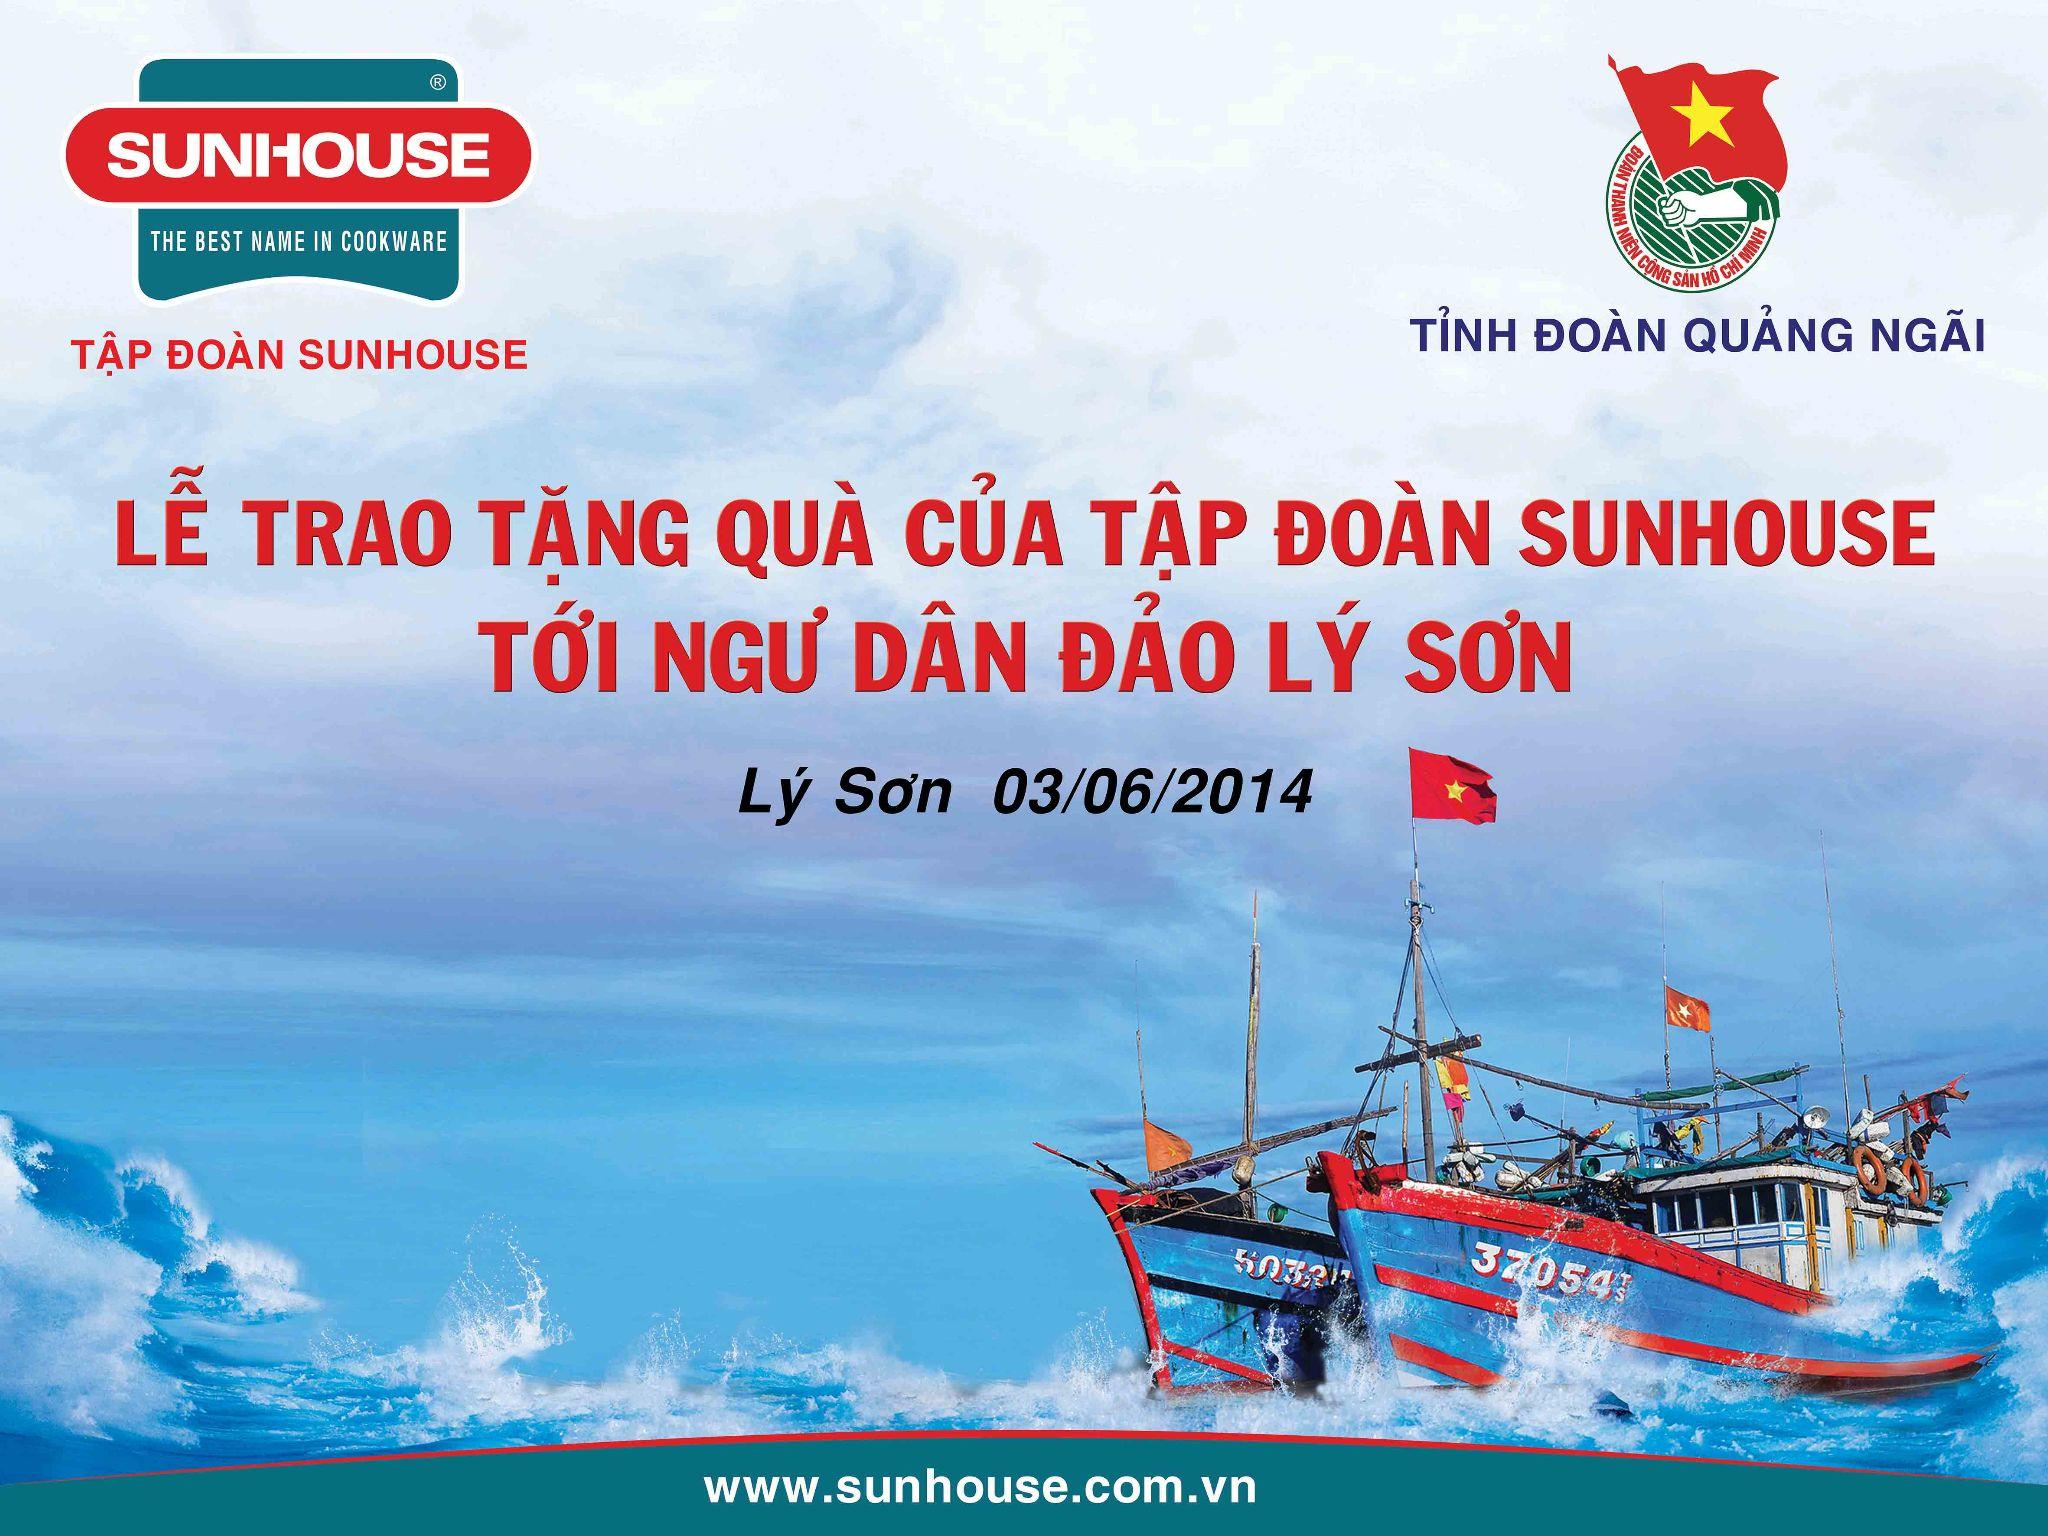 Cùng Sunhouse ủng hộ nhân dân huyện đảo Lý Sơn